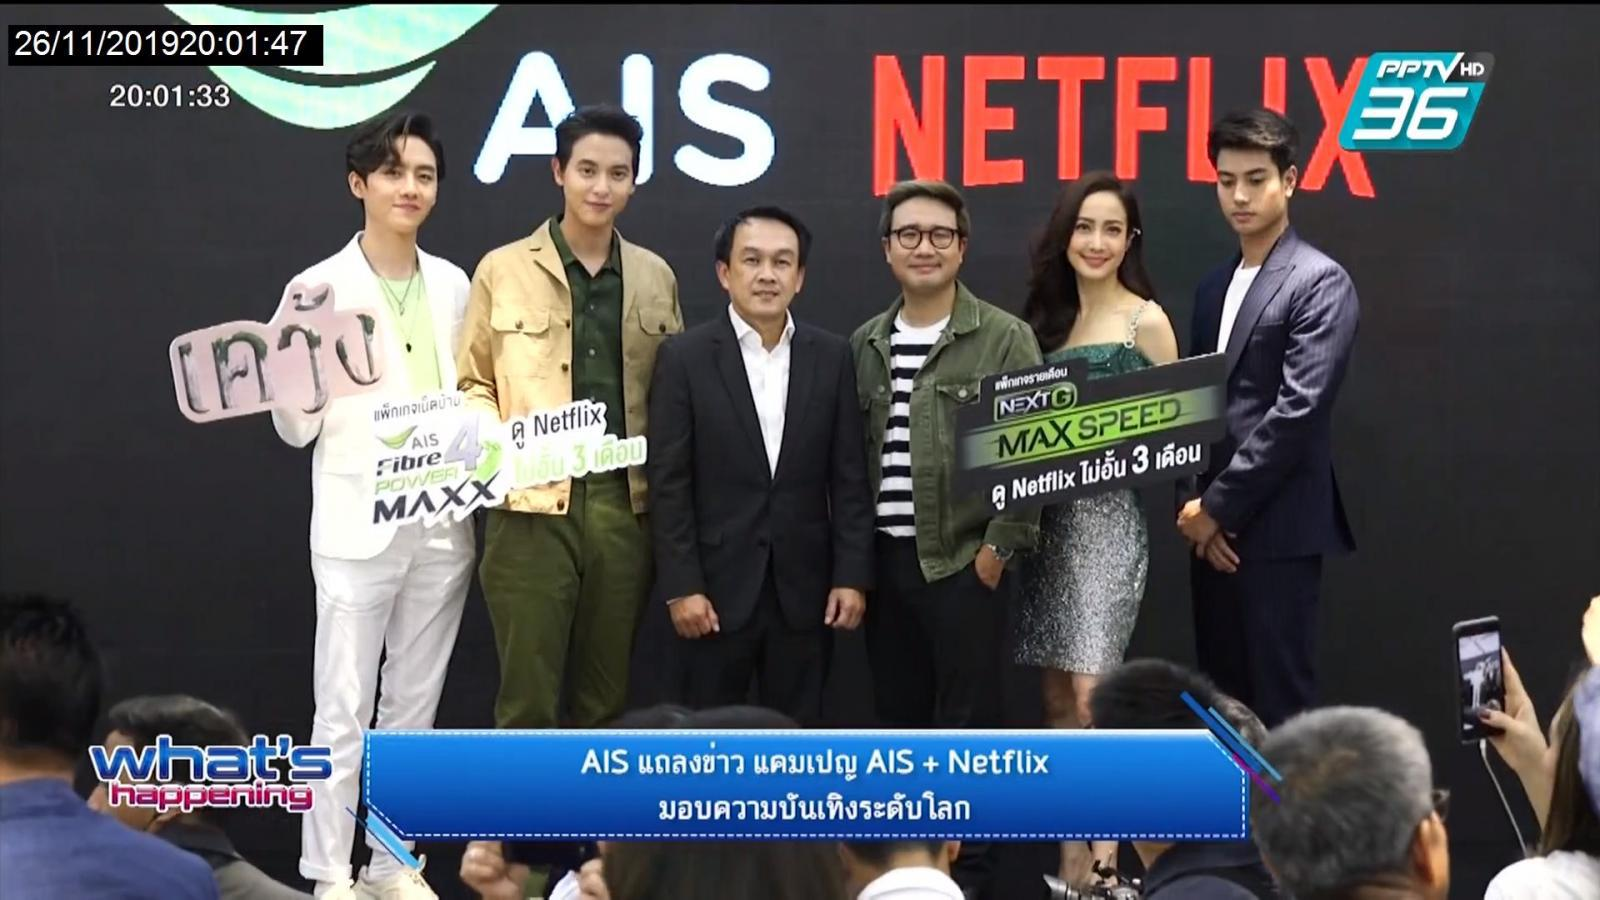 AIS + Netflix ที่สุดของปรากฏการณ์ความบันเทิง